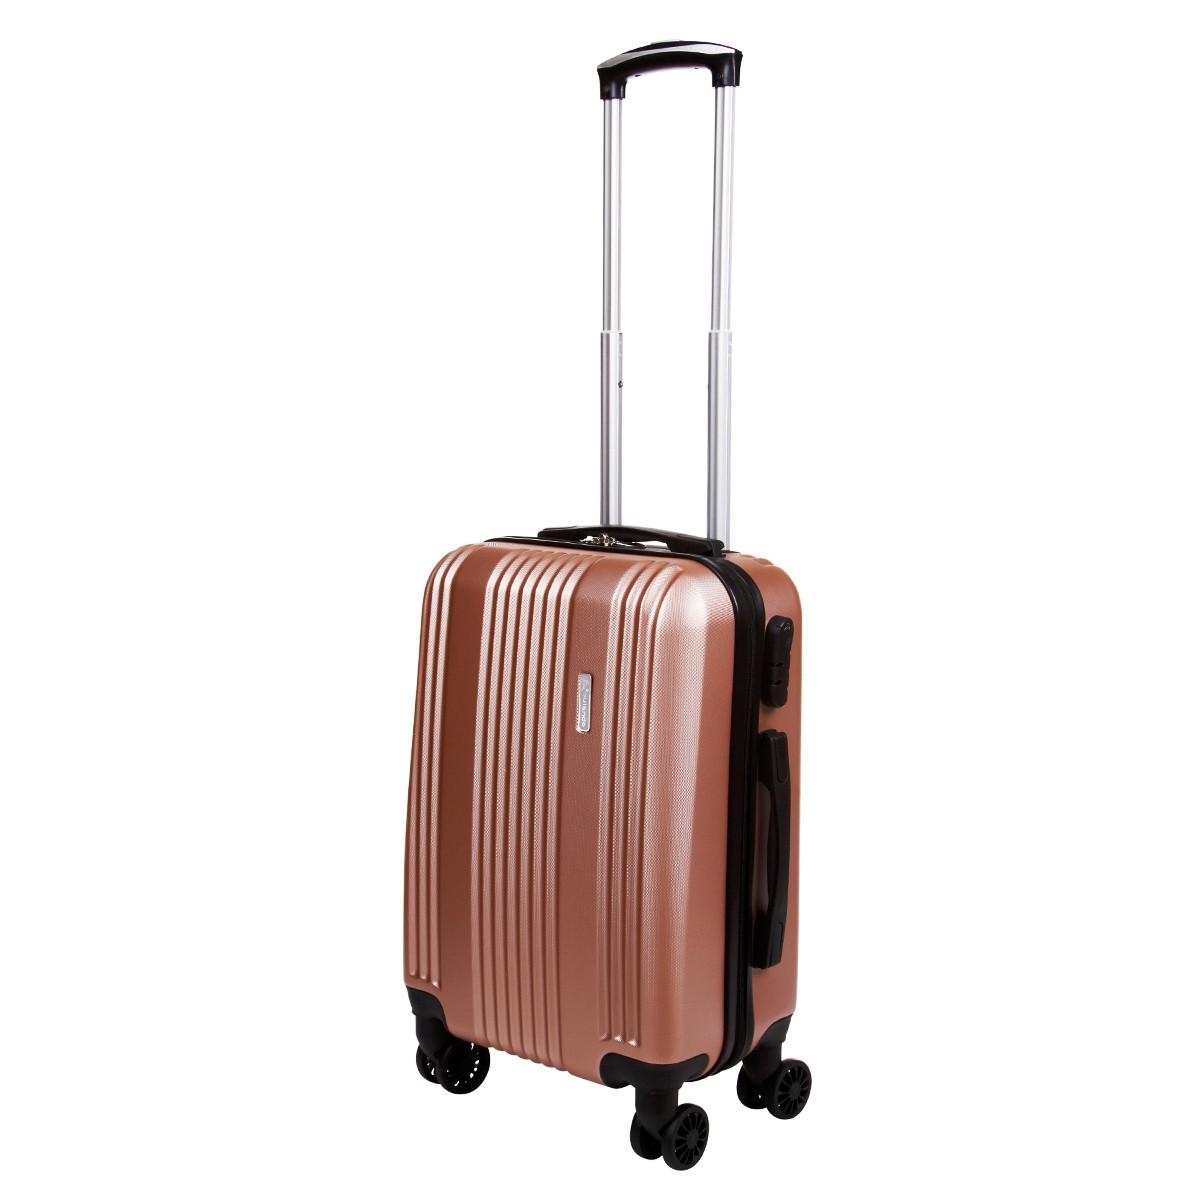 Валіза маленький OULANDO 4 колеса пластик ABS 36х48х22 рожевий ксЛ516-20роз